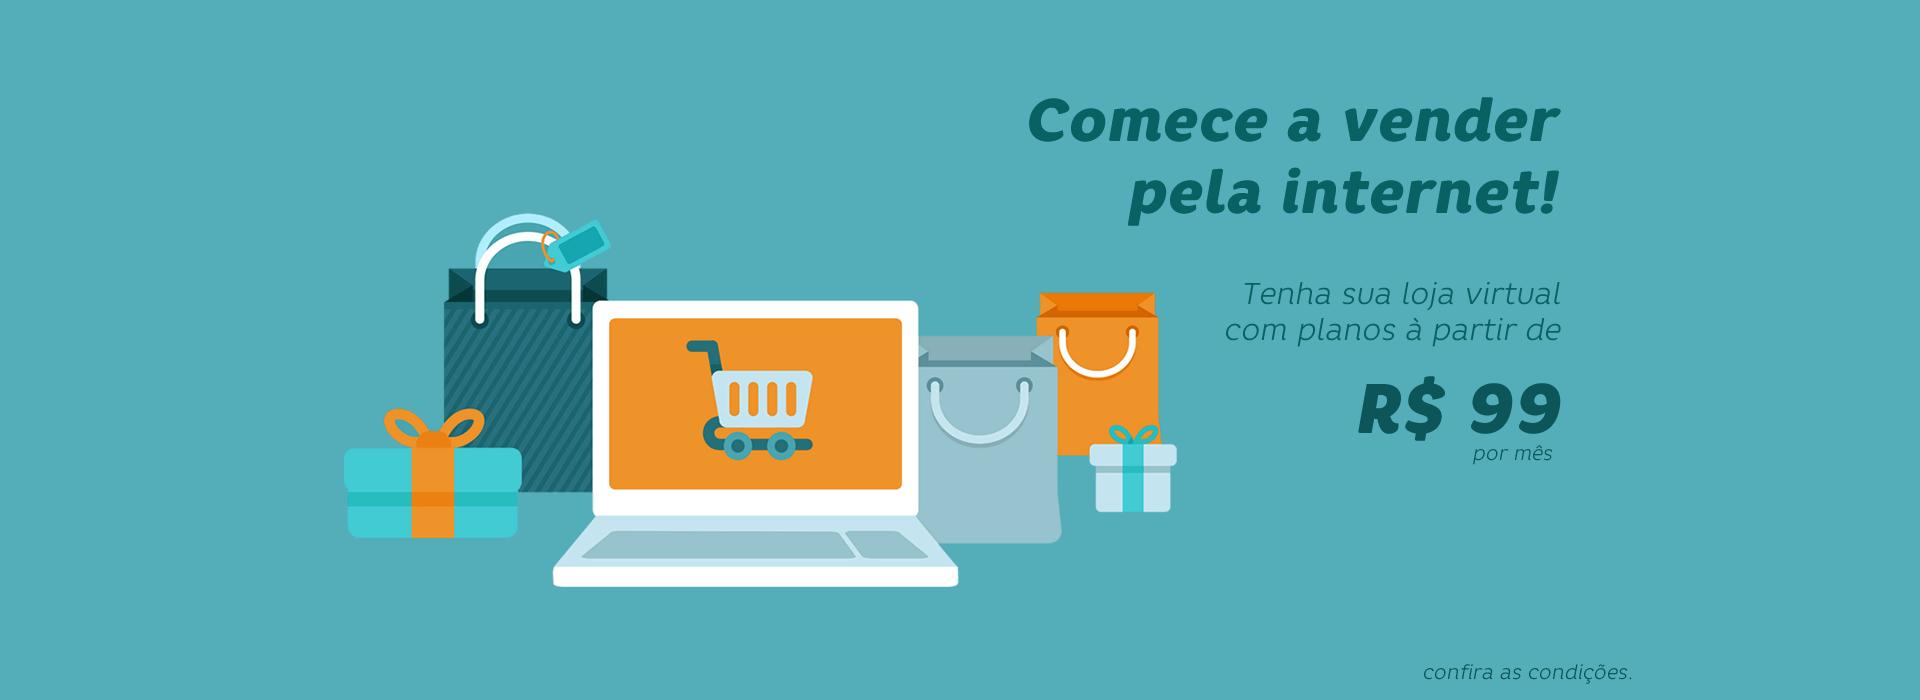 Lojas Virtuais - Sizy.com.br